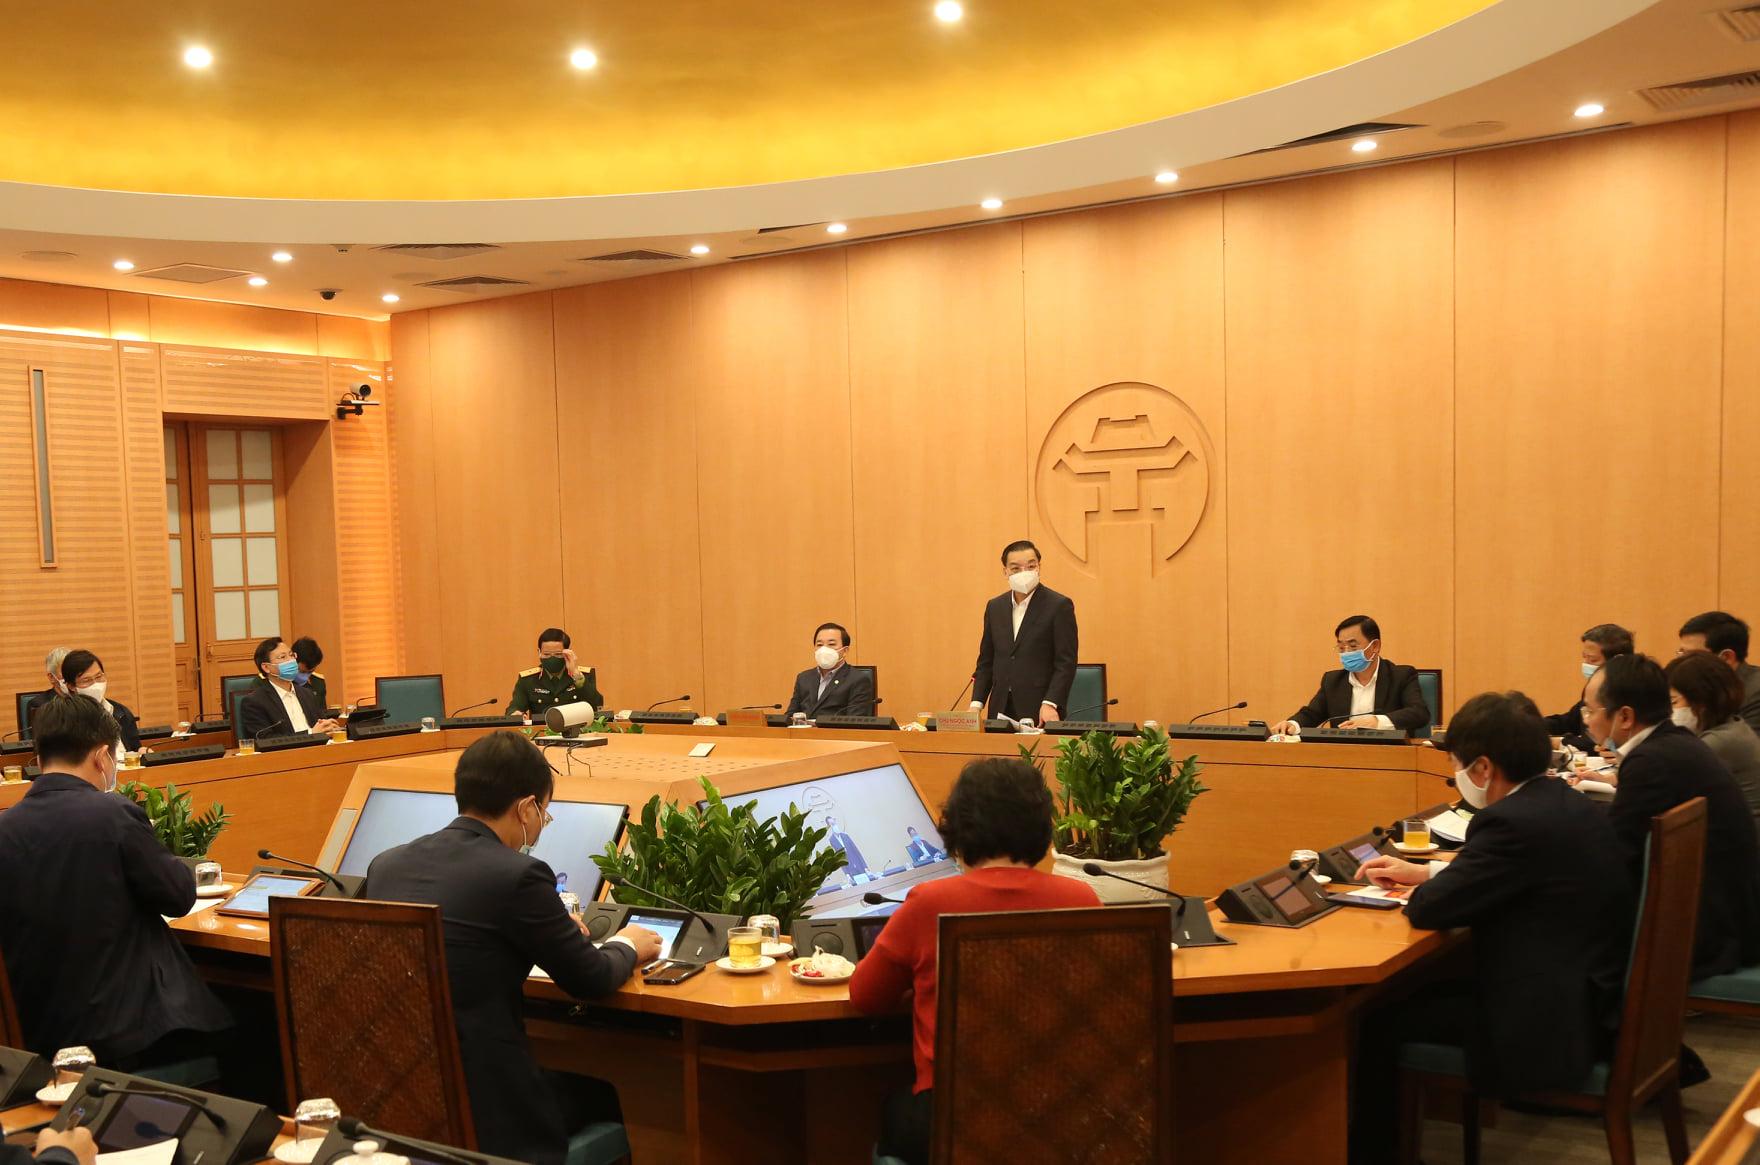 Hà Nội đóng cửa quán ăn đường phố, trà đá, cà phê từ 0h ngày 16/2 để phòng dịch COVID-19 - 1